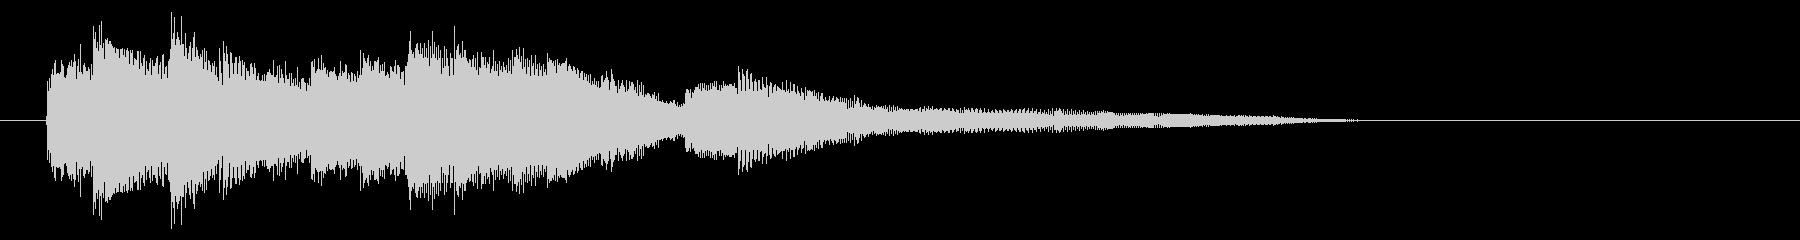 爽やかで優しいピアノジングルの未再生の波形